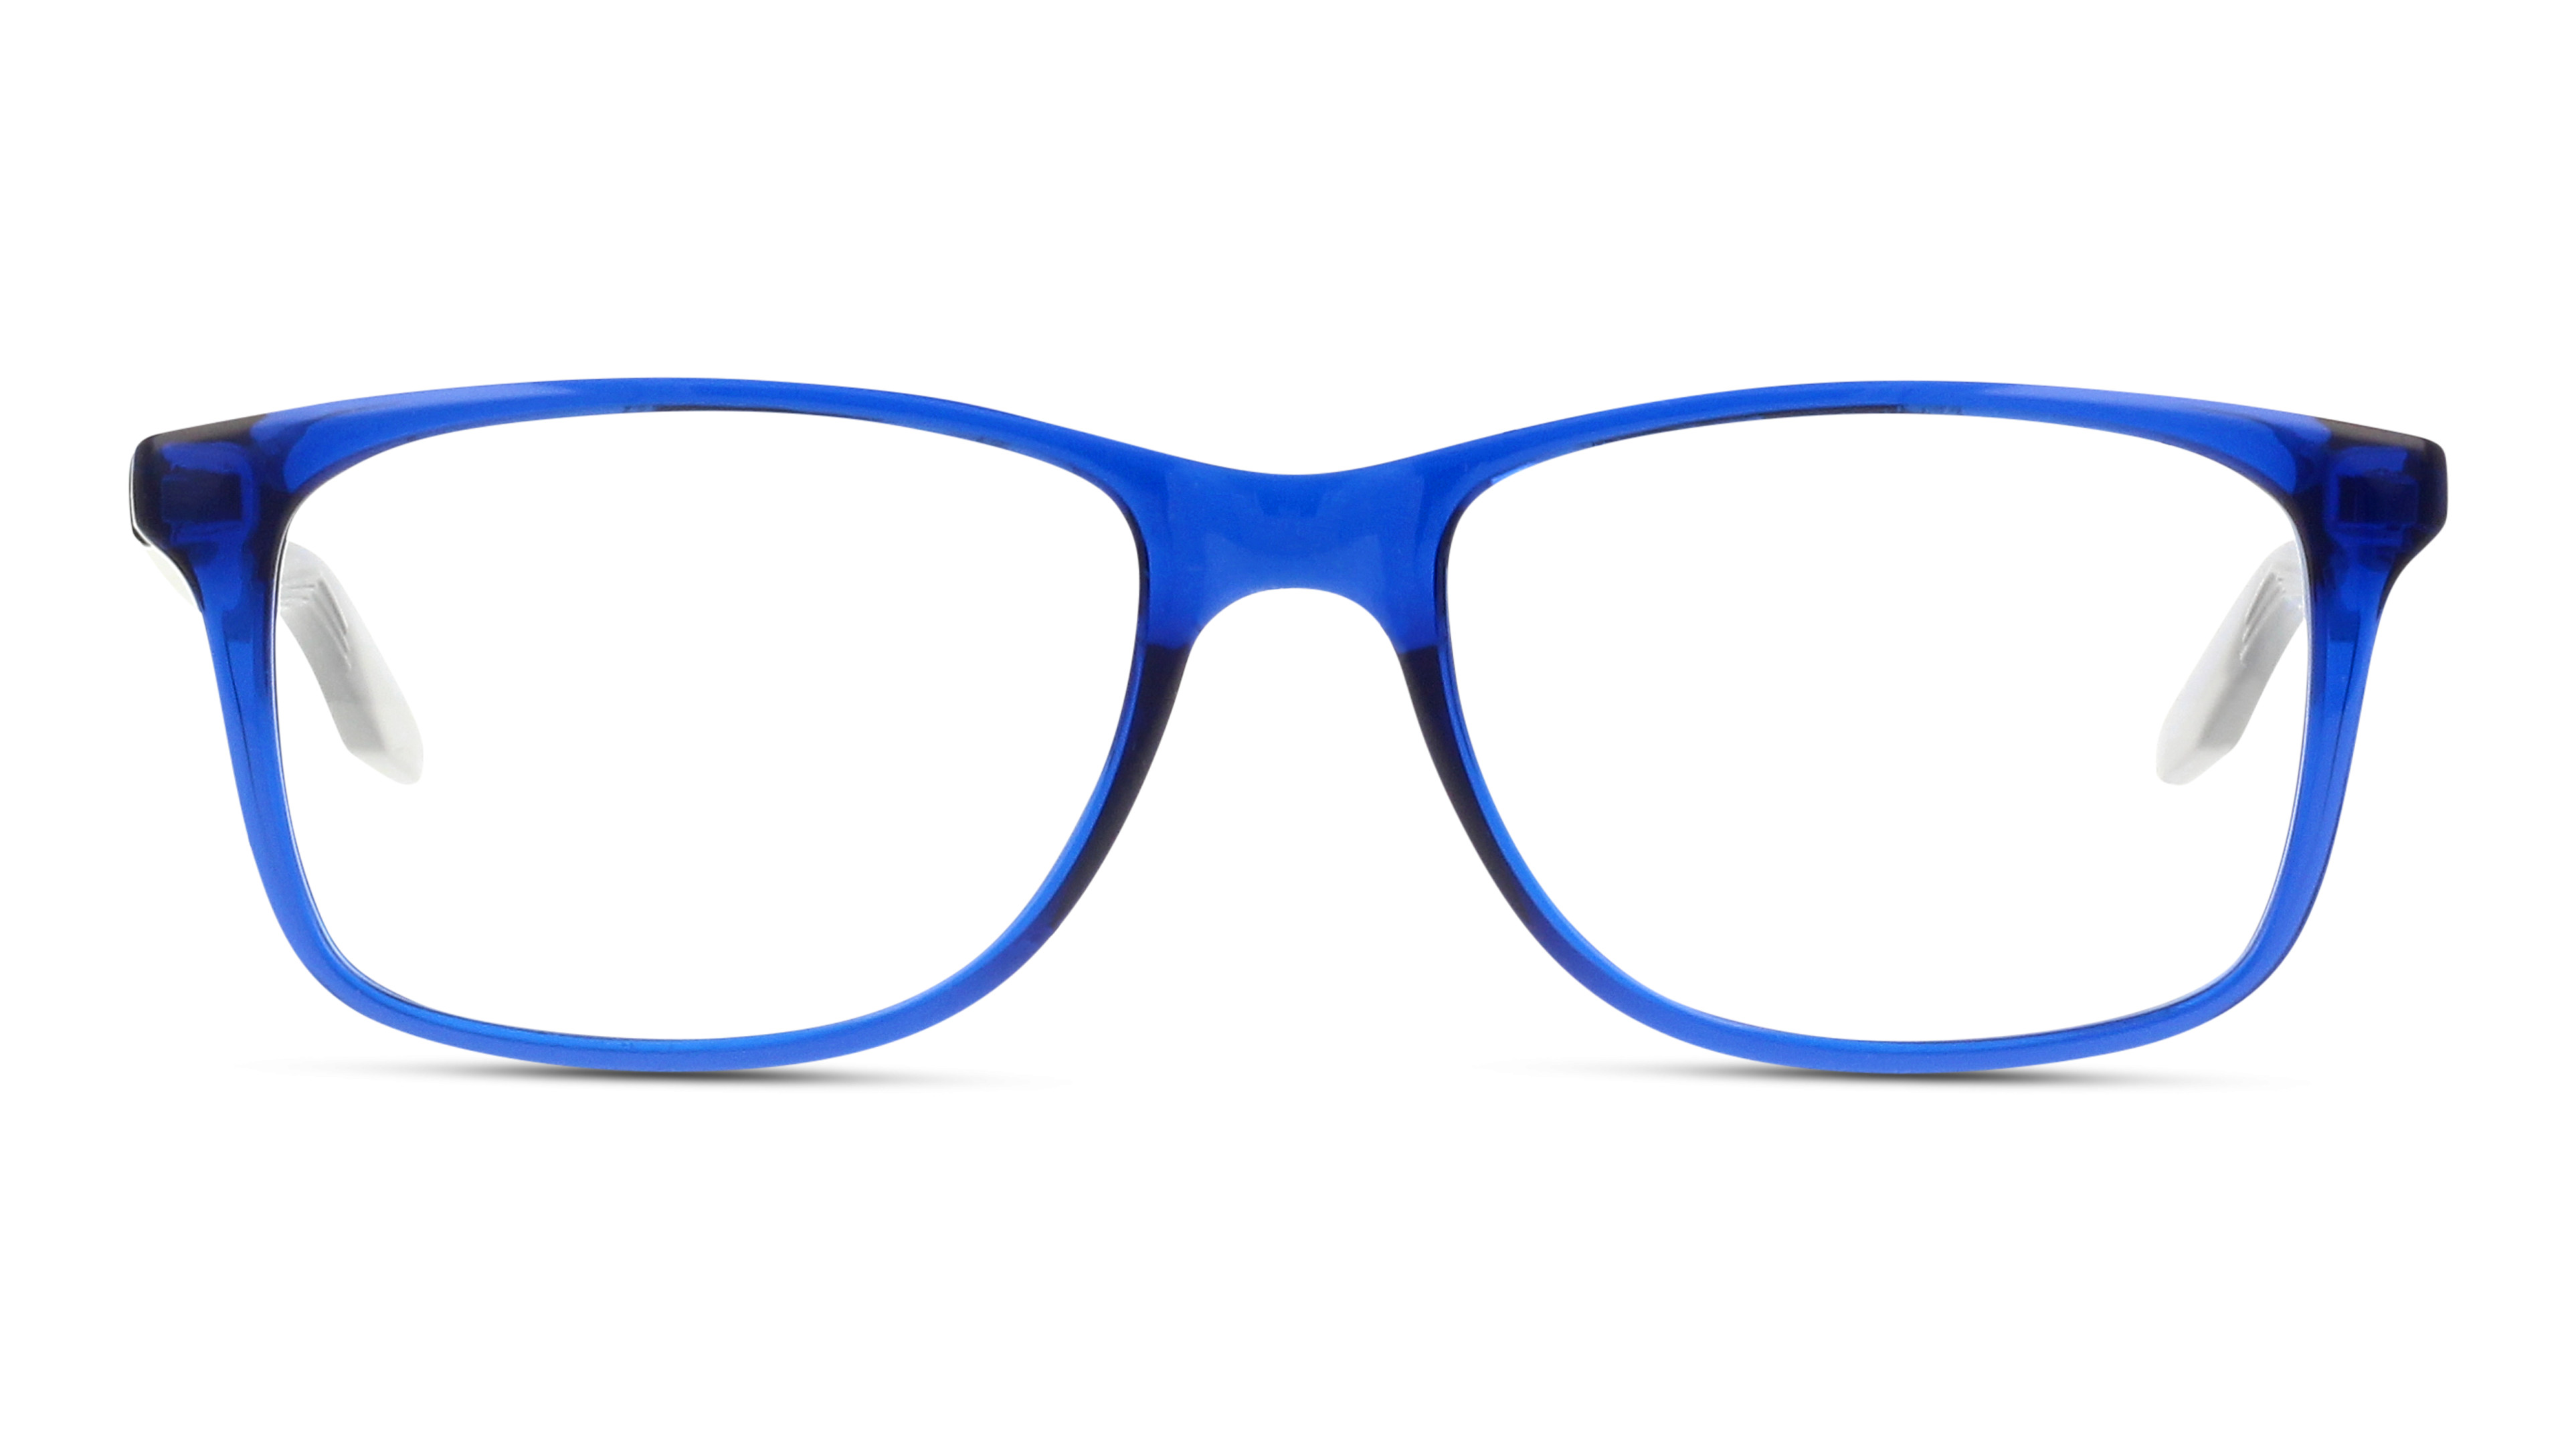 886895407632-front-01-nike-nike_5019-eyewear-deep-royal-blue